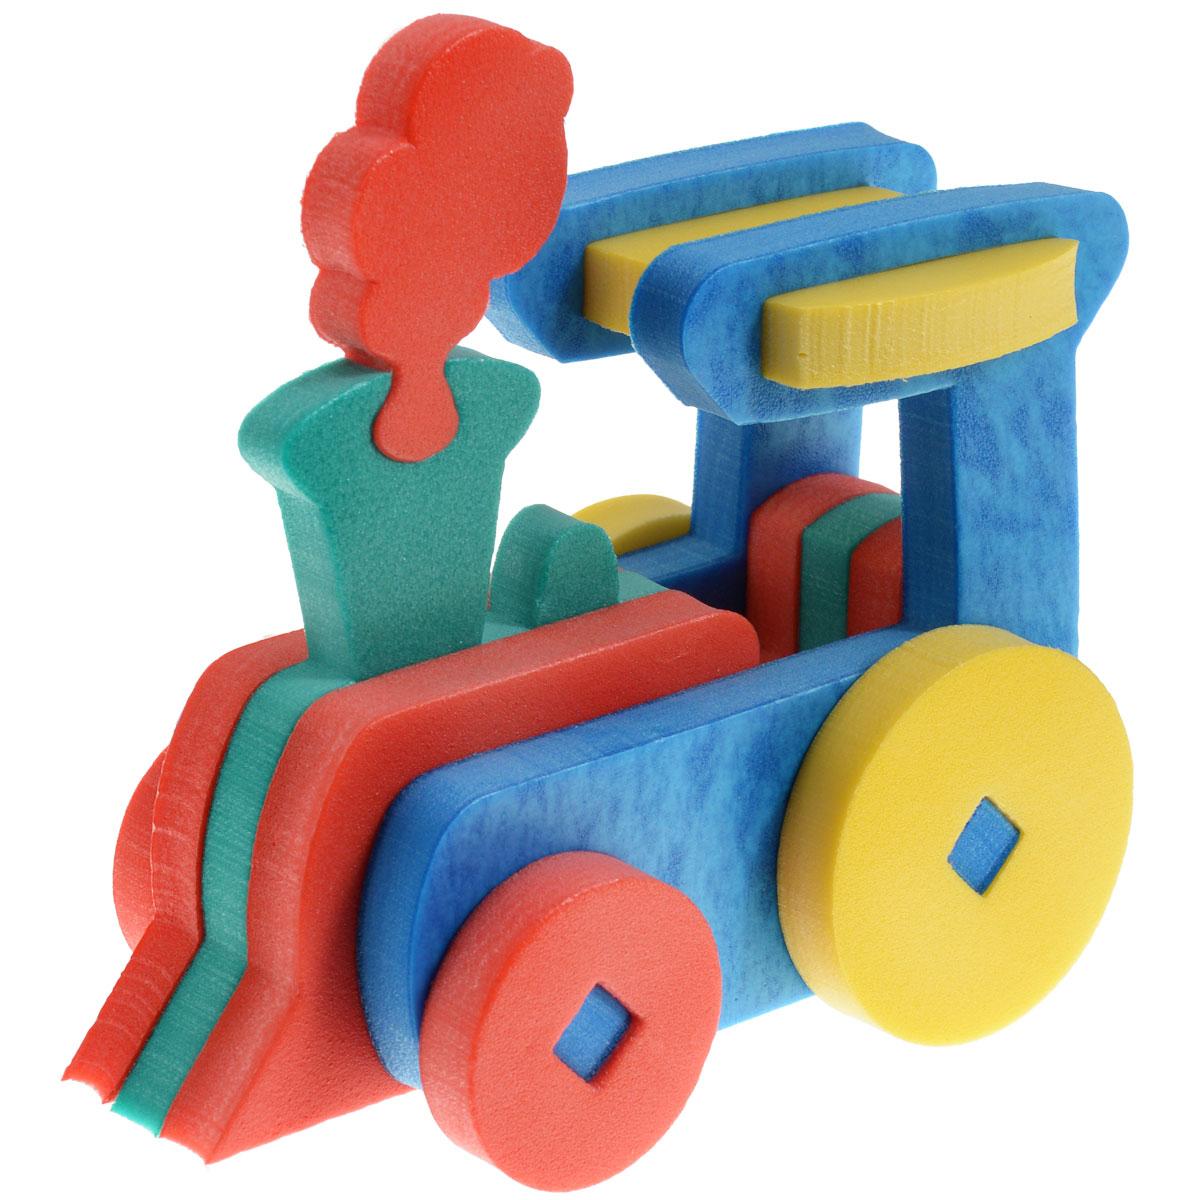 Флексика Мягкий конструктор Паровозик45362Мозаики и конструкторы настолько универсальны и практичны, что с ними можно играть практически везде. Для производства игрушек используется современный, легкий, эластичный, прочный материал, который обеспечивает большую долговечность игрушек, и главное –является абсолютно безопасным для детей. К тому же, благодаря особой структуре материала и свойству прилипать к мокрой поверхности, мягкие конструкторы и мозаики являются идеальной игрушкой для ванны. Способствует развитию у ребенка мелкой моторики, образного и логического мышления, наблюдательности. Производственная фирма `Тедико` зарекомендовала себя на рынке отечественных товаров как производитель высококачественных конструкторов и мозаик серии `Флексика`. Богатый ассортимент включает в себя игрушки для малышей и детей старшего возраста. УВАЖАЕМЫЕ КЛИЕНТЫ! Обращаем ваше внимание на возможные изменения в дизайне, связанные с ассортиментом продукции: цвет изделия или отдельных деталей...